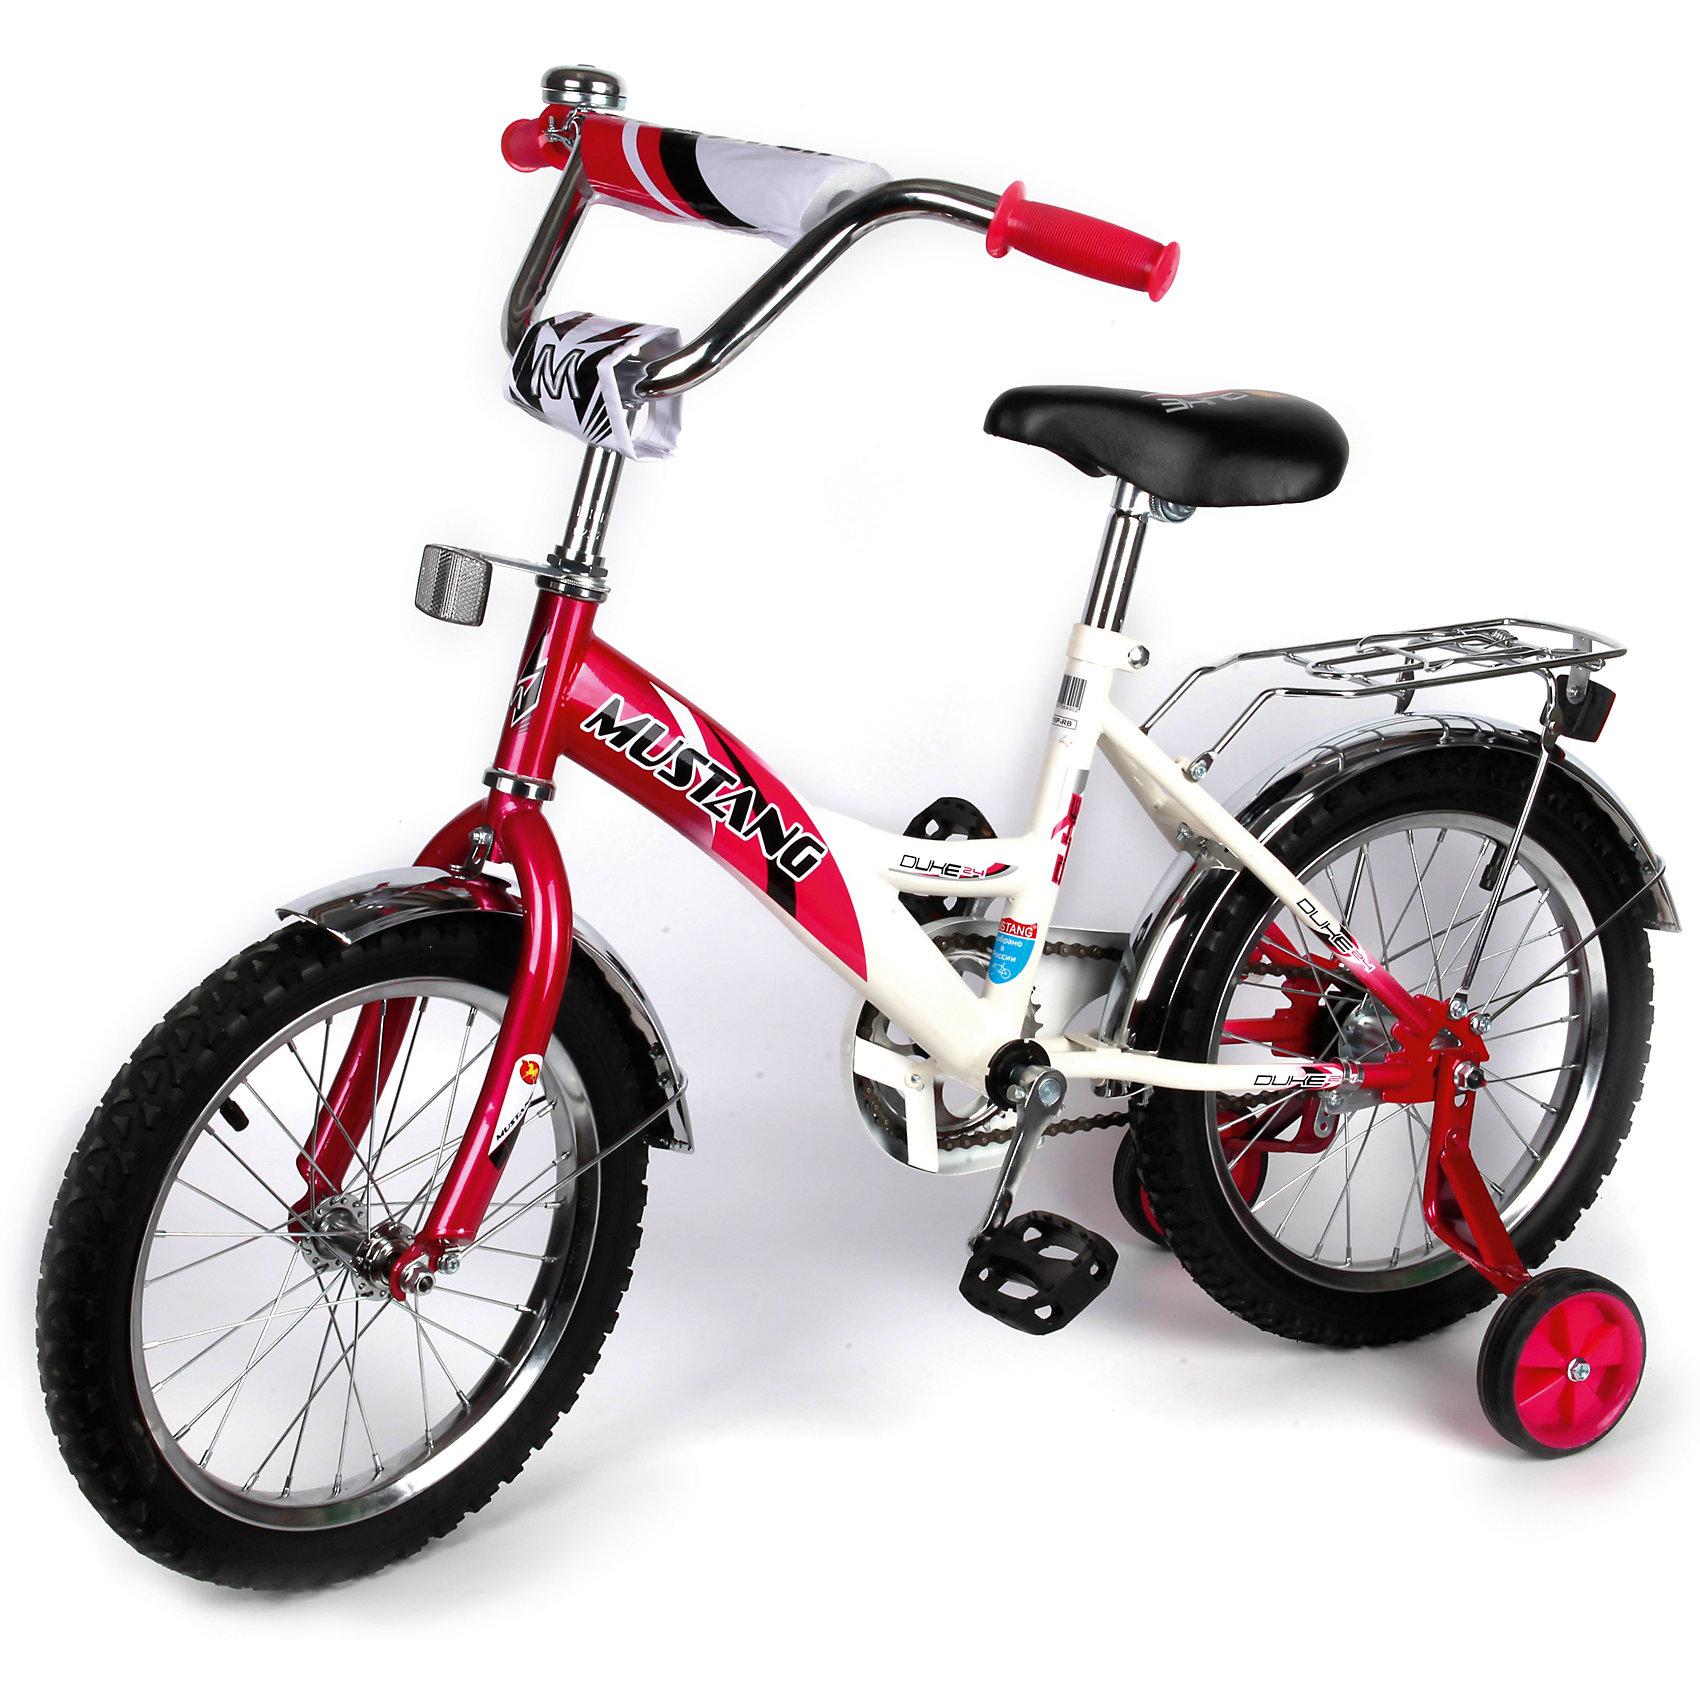 """Детский велосипед,  16"""",  малиновый/белый, MustangВелосипеды детские<br>Характеристики товара:<br><br>• цвет: малиновый, белый<br>• низкая рама<br>• диаметр колес: 40 см (16)<br>• 1 скорость<br>• задний ножной тормоз<br>• регулируемый хромированный руль BMX с защитной накладкой<br>• багажник<br>• звонок<br>• приставные пластиковые колеса с усиленным кронштейном<br>• усиленные хромированные крылья<br>• ограничитель поворота руля<br>• полная защита цепи """"Р"""" типа<br>• вес: 11,5 кг<br>• размер в собранном виде: 53х81х111 см<br>• допустимый вес: до 40 кг<br>• рекомендуемый возраст: от 3 лет<br><br>Ширина мм: 530<br>Глубина мм: 810<br>Высота мм: 1110<br>Вес г: 11500<br>Возраст от месяцев: 36<br>Возраст до месяцев: 84<br>Пол: Женский<br>Возраст: Детский<br>SKU: 5526390"""